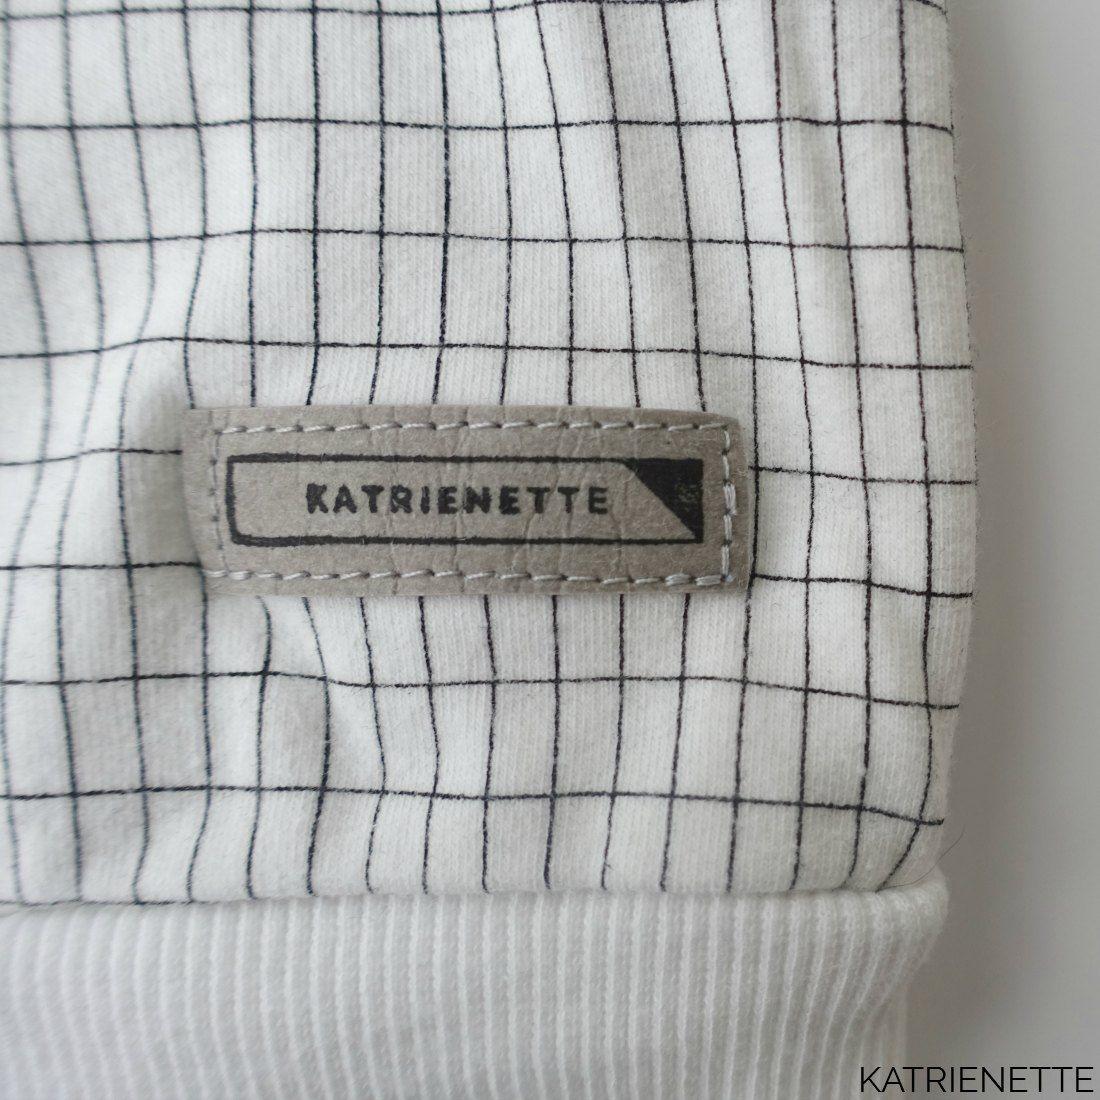 Hedendaags Tutorial: zelf je labels maken   Kledinglabels, Zelf kledinglabels BB-74